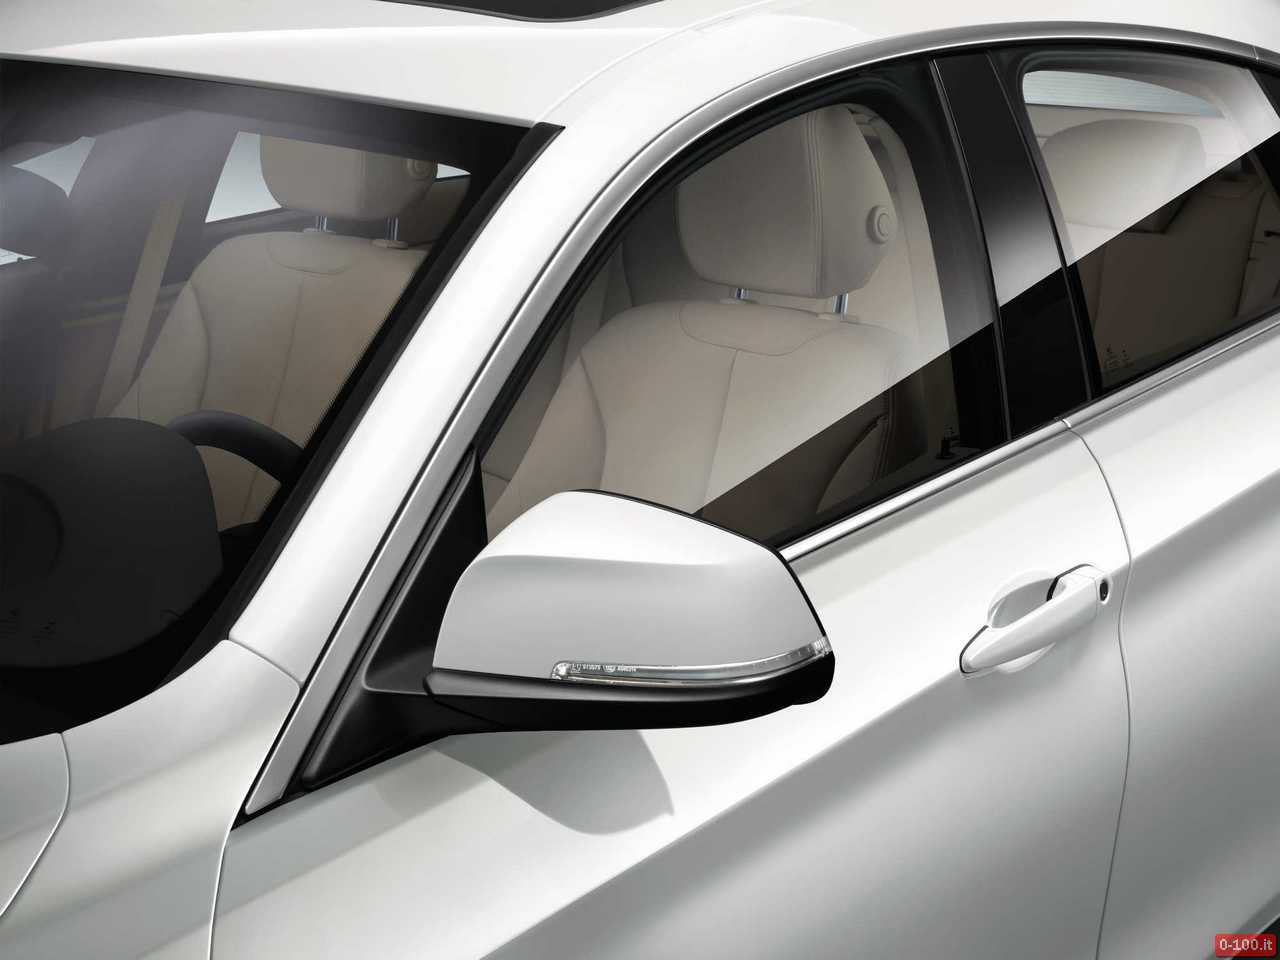 bmw-serie-4-gran-coupe-prezzo-price-ginevra-geneve-2014-0-100_98